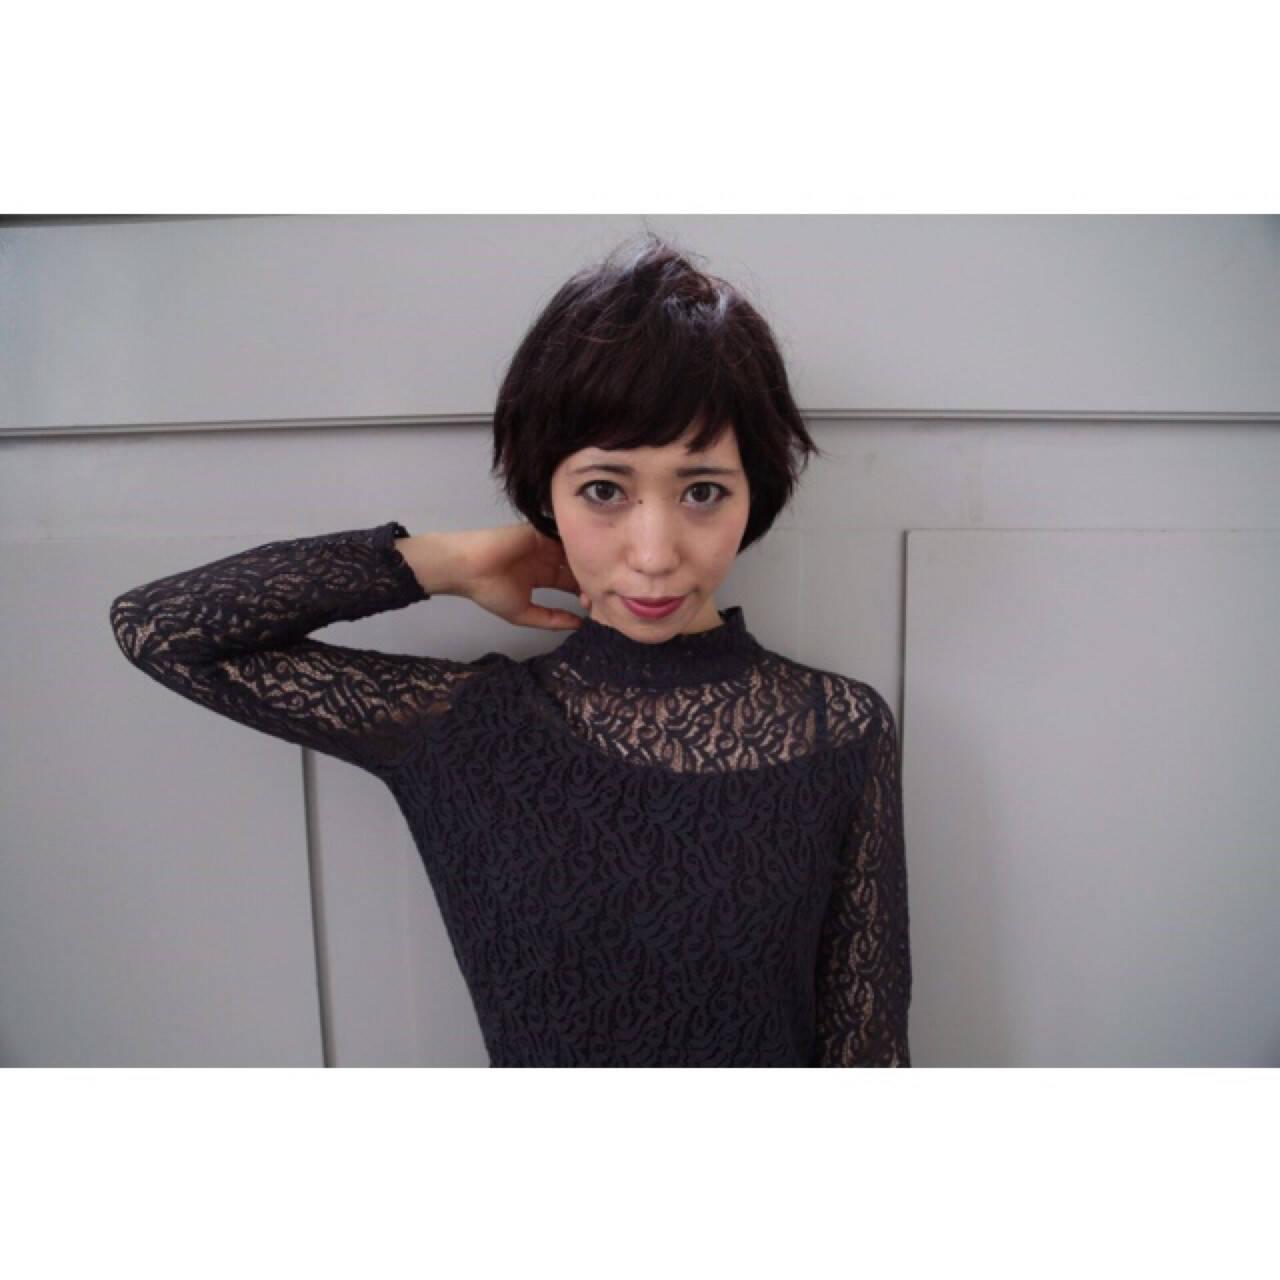 セミロング モード ショート オン眉ヘアスタイルや髪型の写真・画像